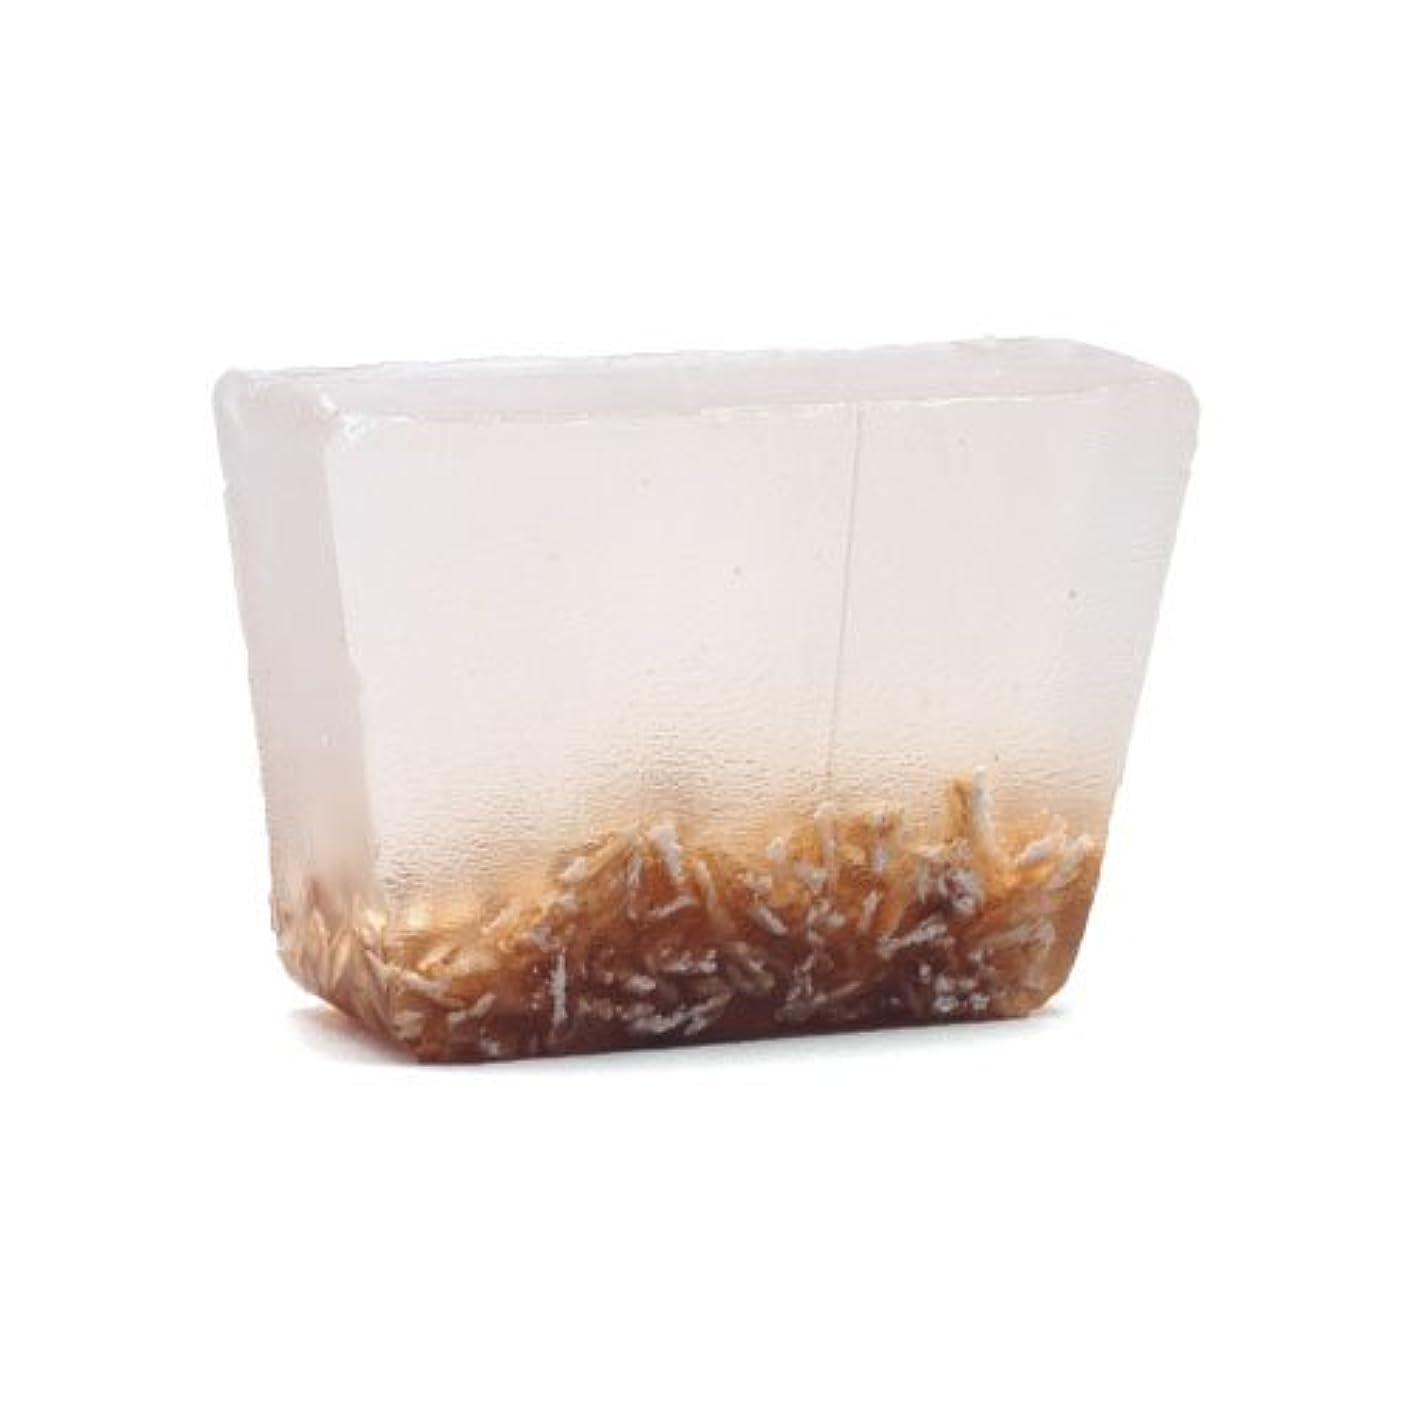 応答インセンティブいつプライモールエレメンツ アロマティック ミニソープ ラベンダーオートミール 80g 植物性 ナチュラル 石鹸 無添加